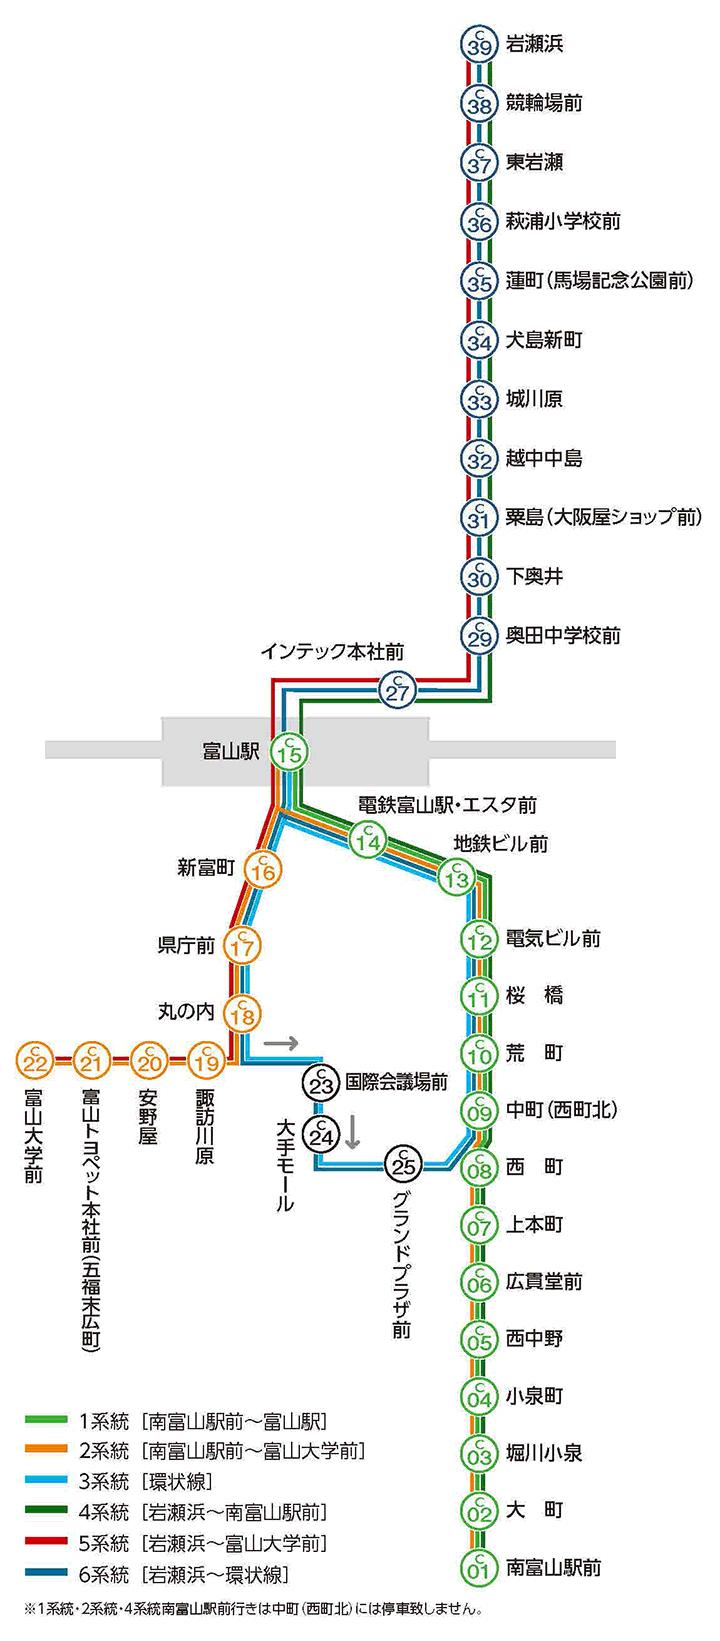 富山地方鉄道の市内電車路線図